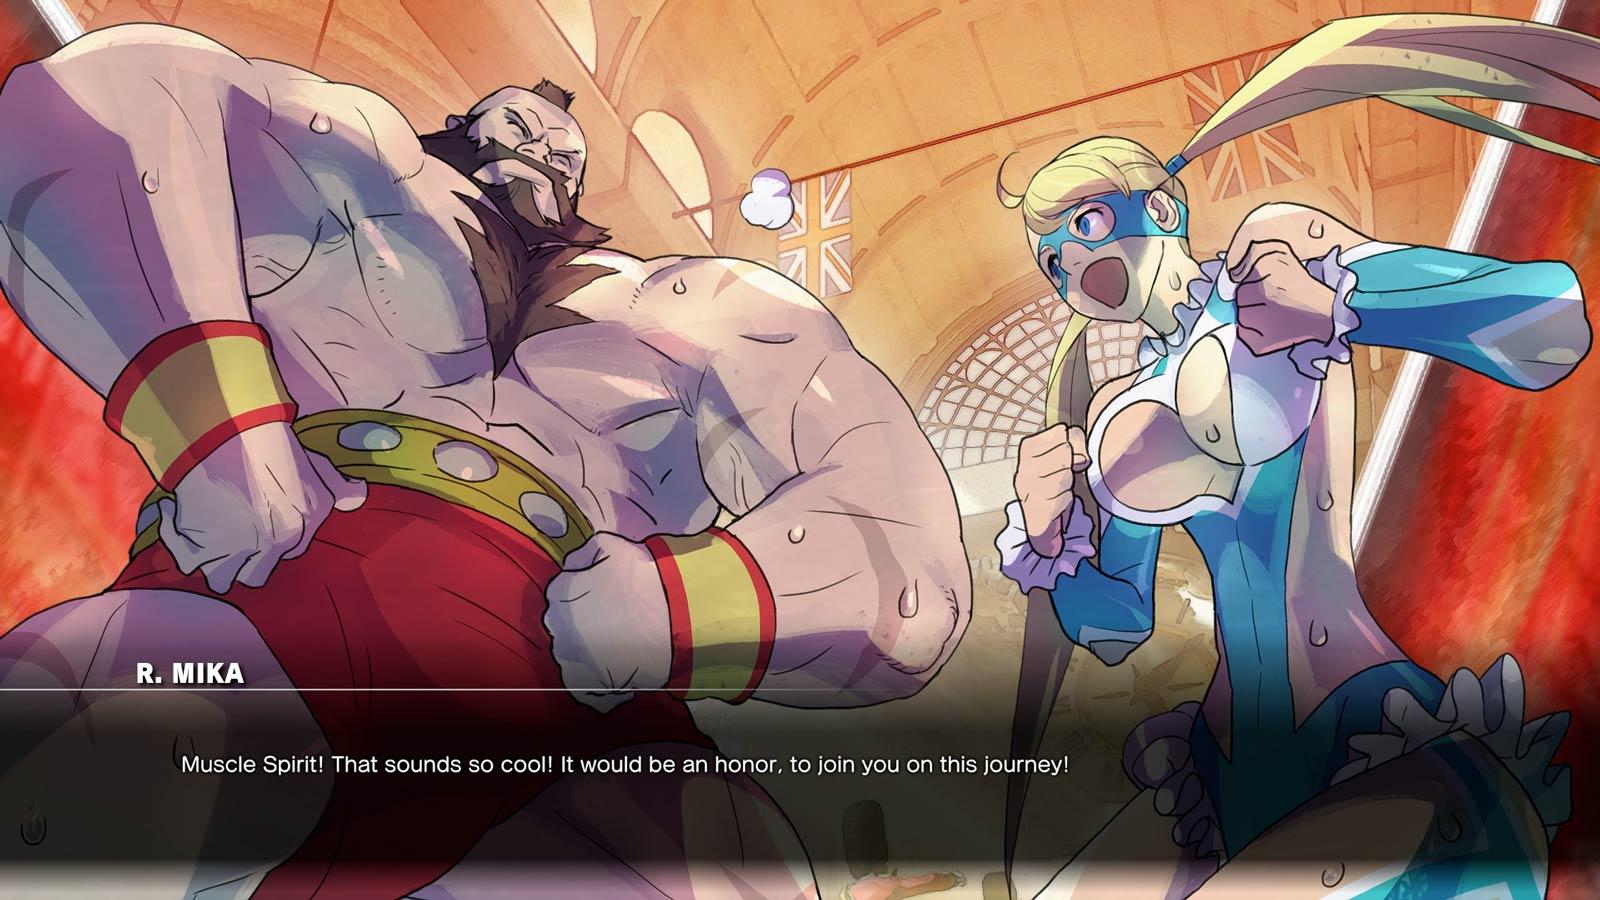 Dans le mode histoire, Mika est de loin de personnage qui tient en haute estime ses adversaires.